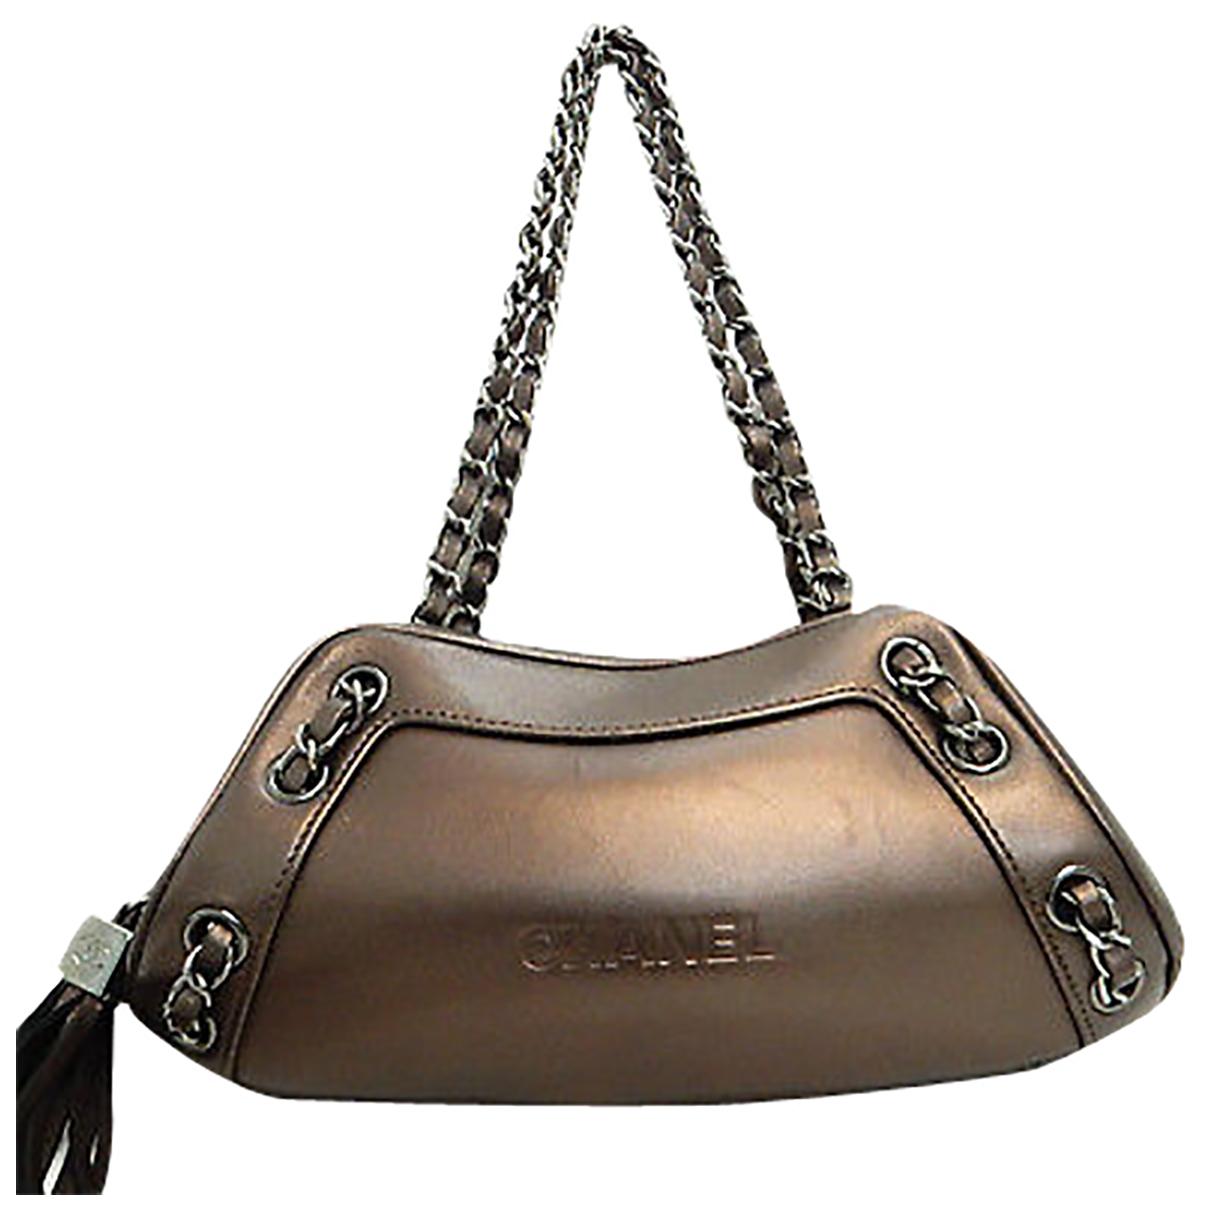 Chanel - Sac a main   pour femme en metal - marron